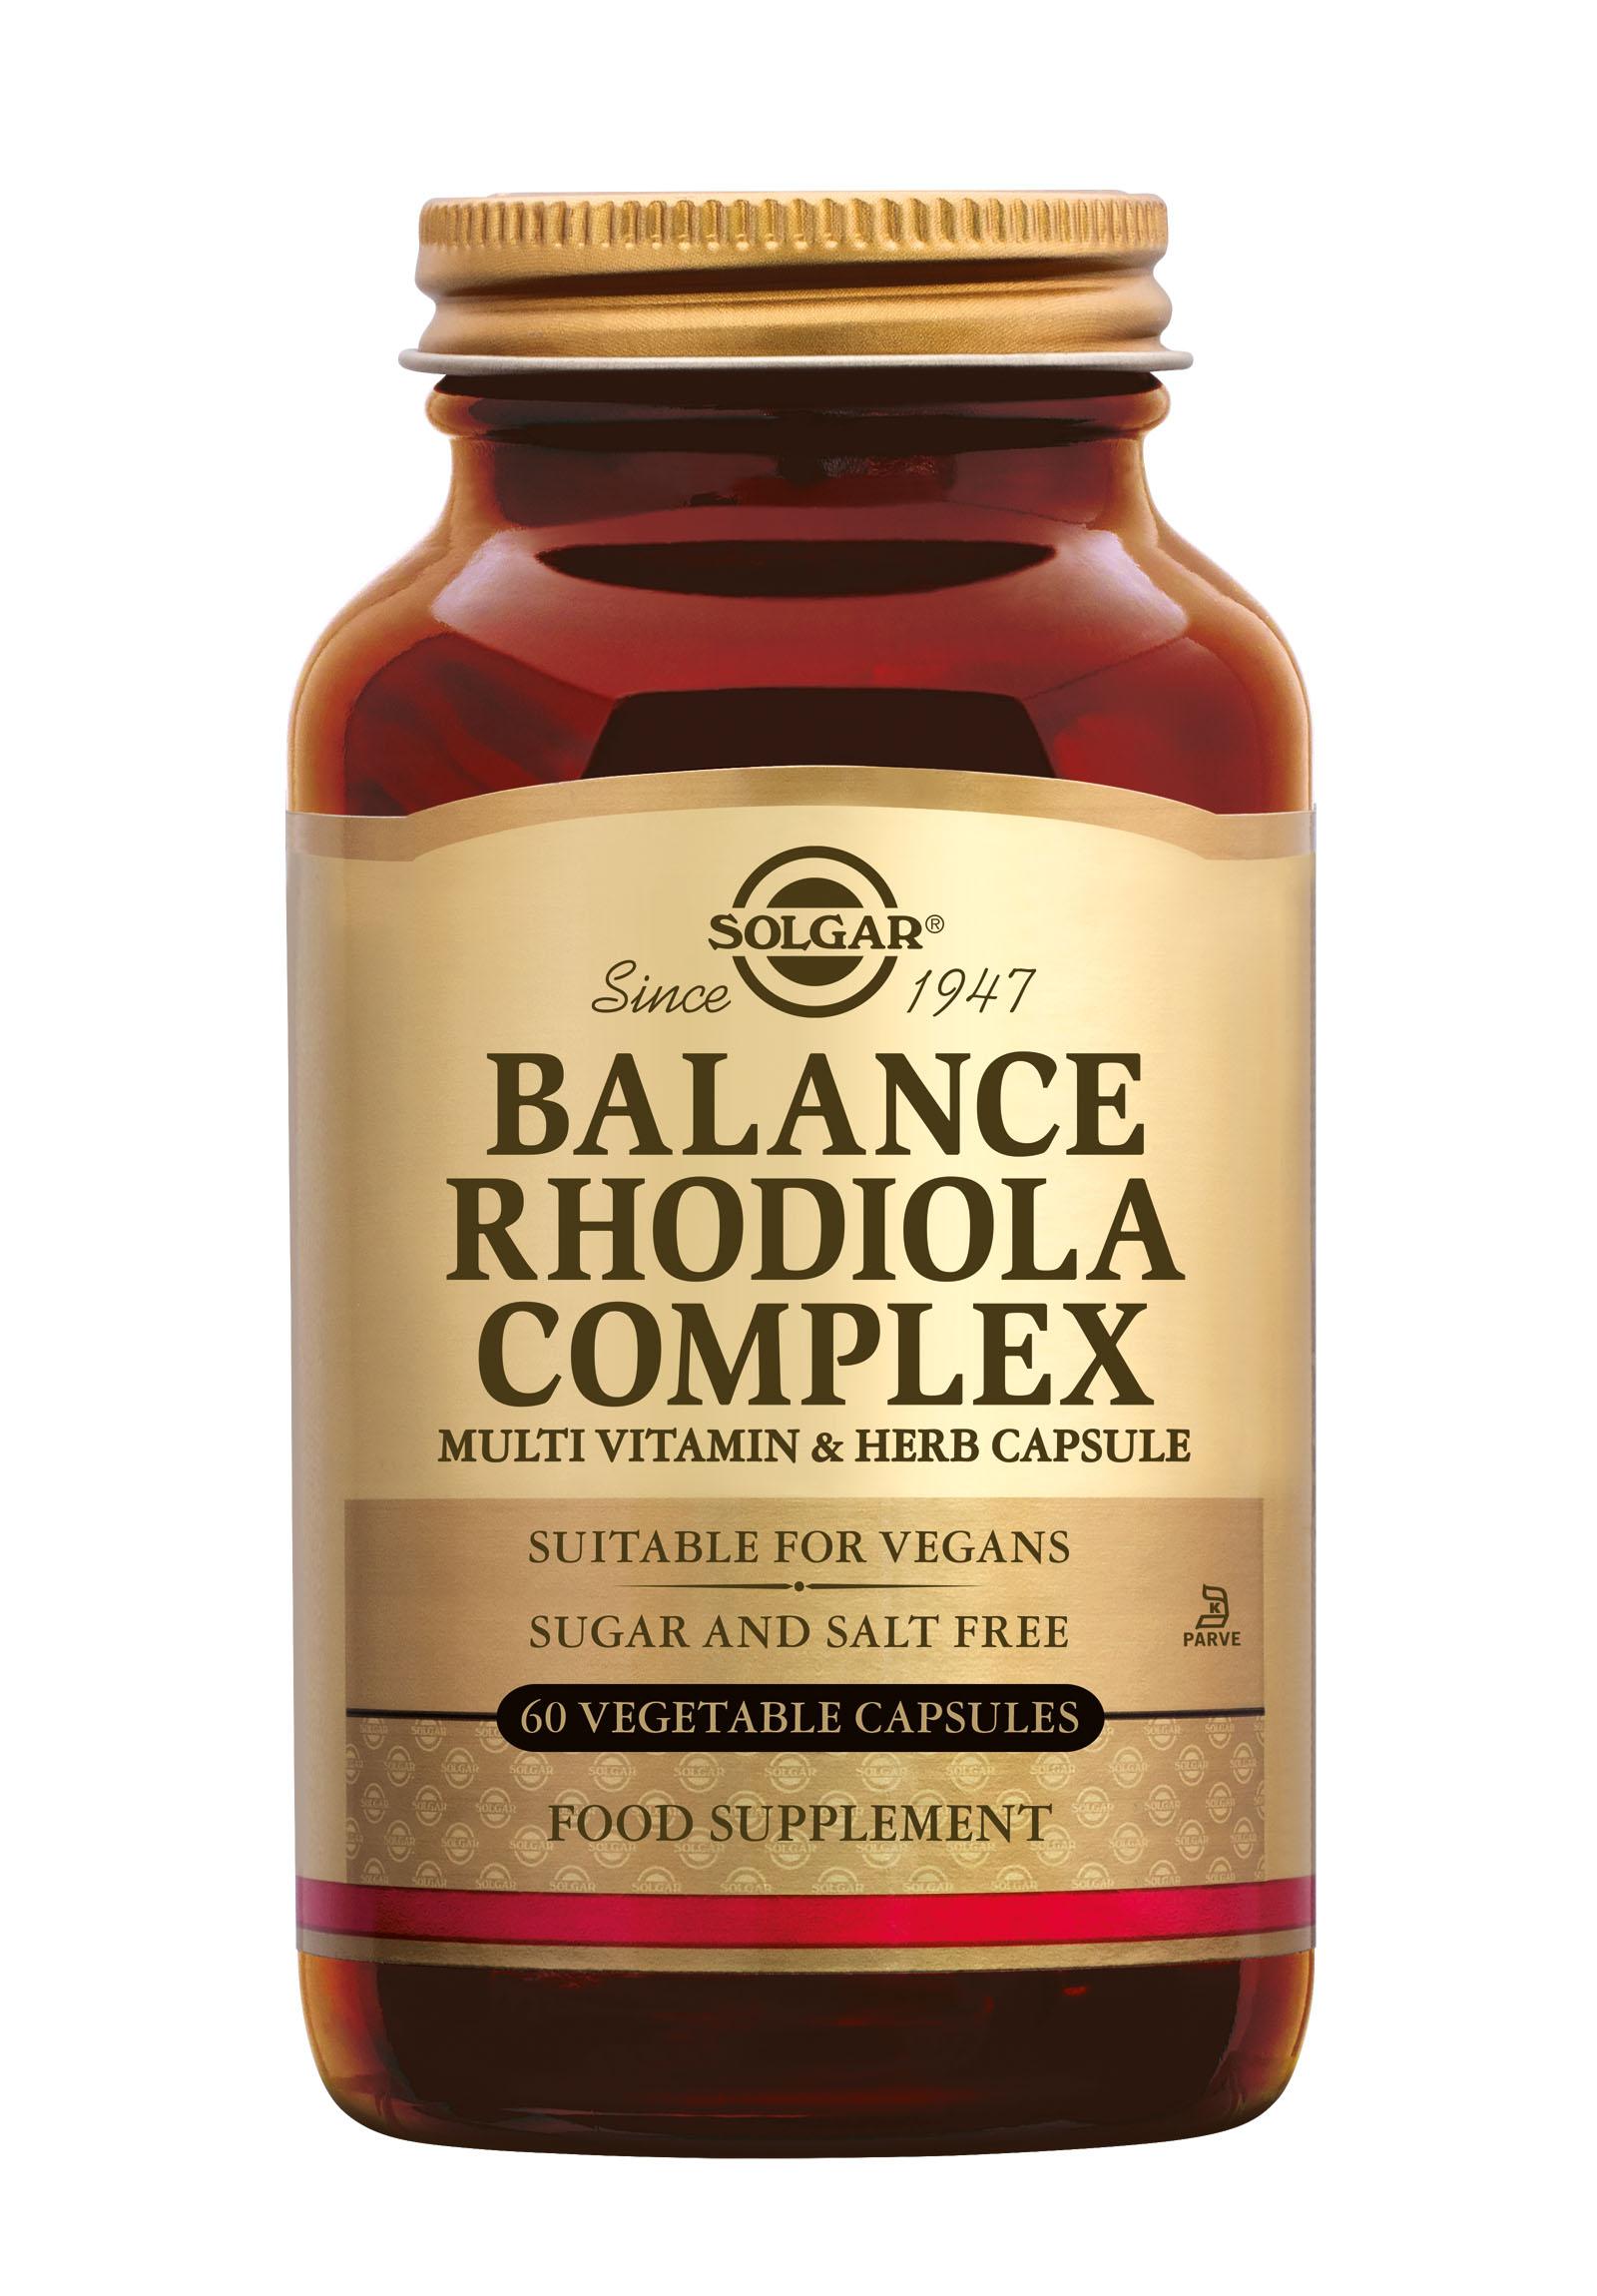 Balance Rhodiola Complex, Solgar, Solgar Balance Rhodiola Complex wordt gebruikt bij geestelijke druk en spanning (Rhodiola, Zoethoutwortel en Siberische ginseng) en ondersteunt het energie niveau (magnesium, vitamine B-3, B-5, B-6).